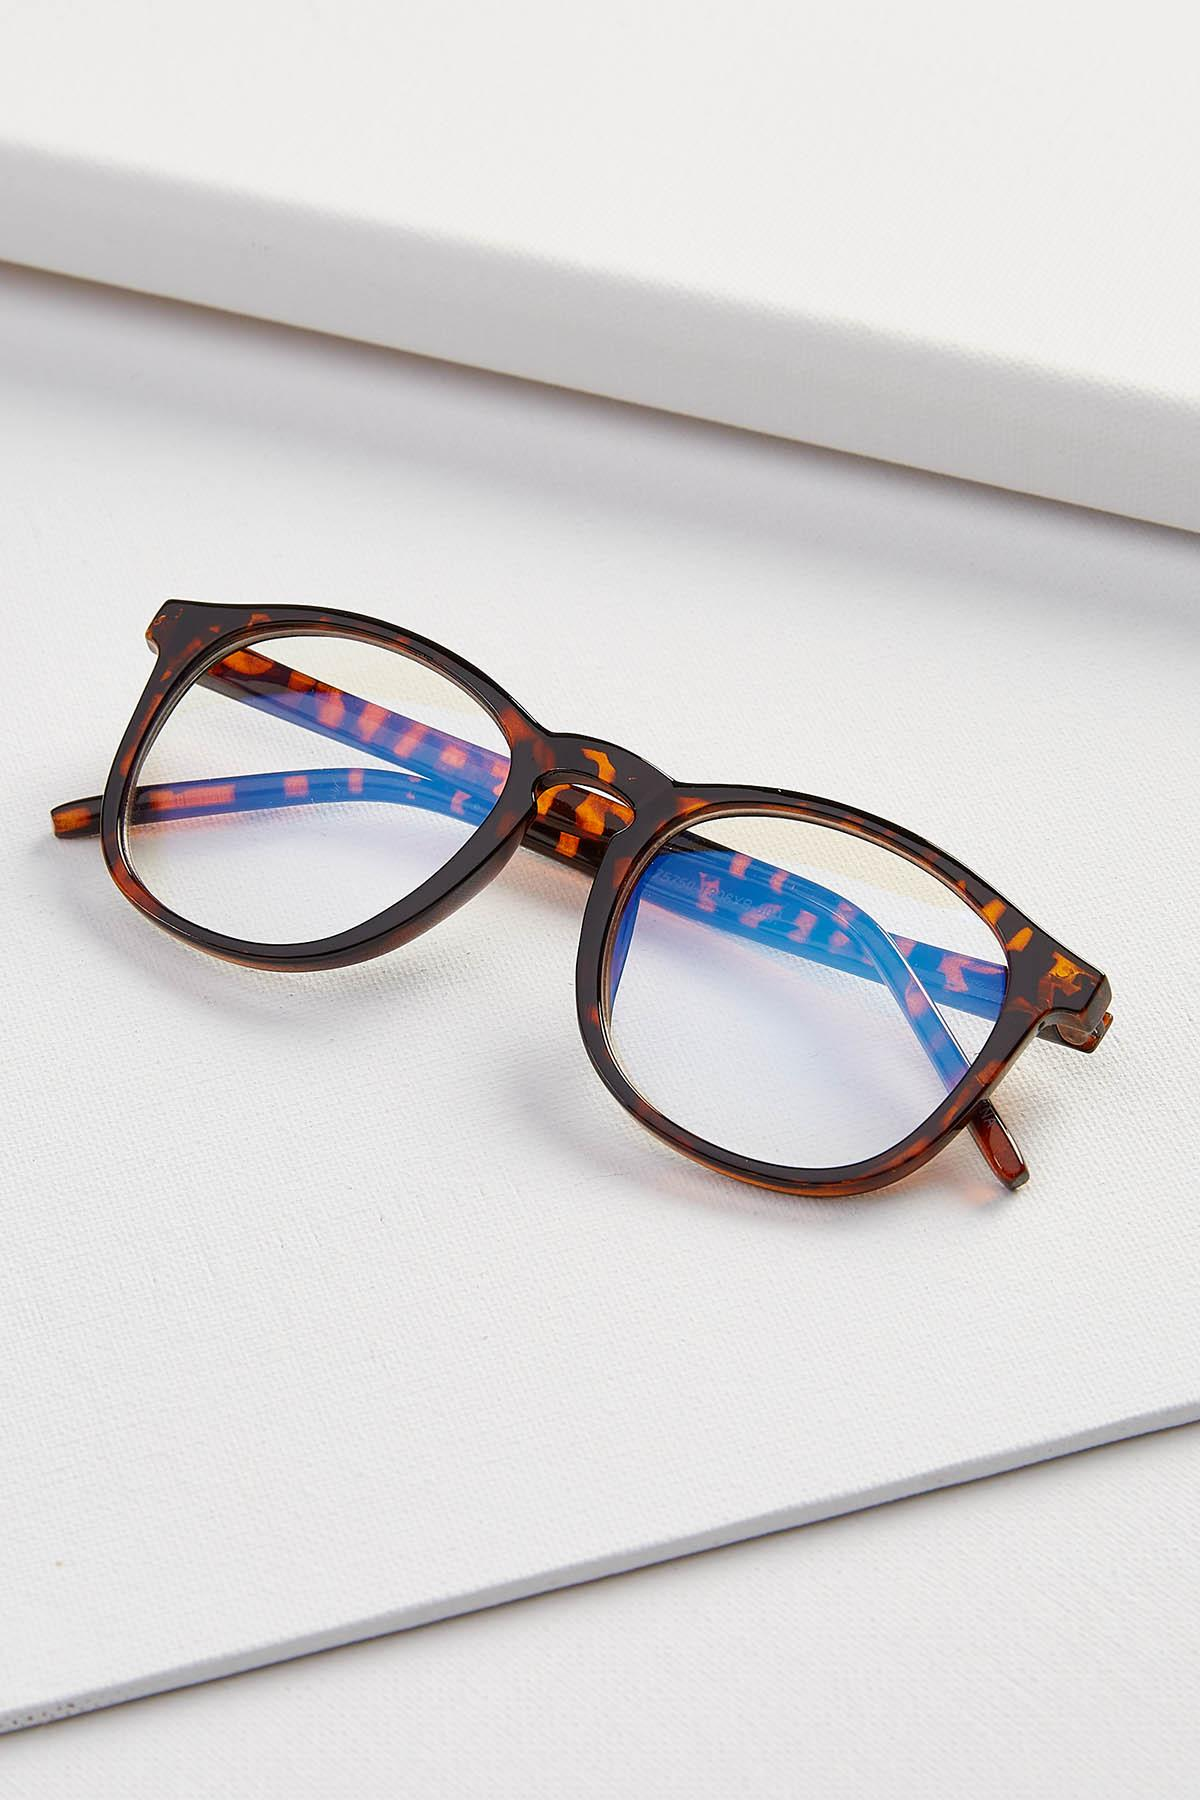 Boss Babe Blue Light Glasses